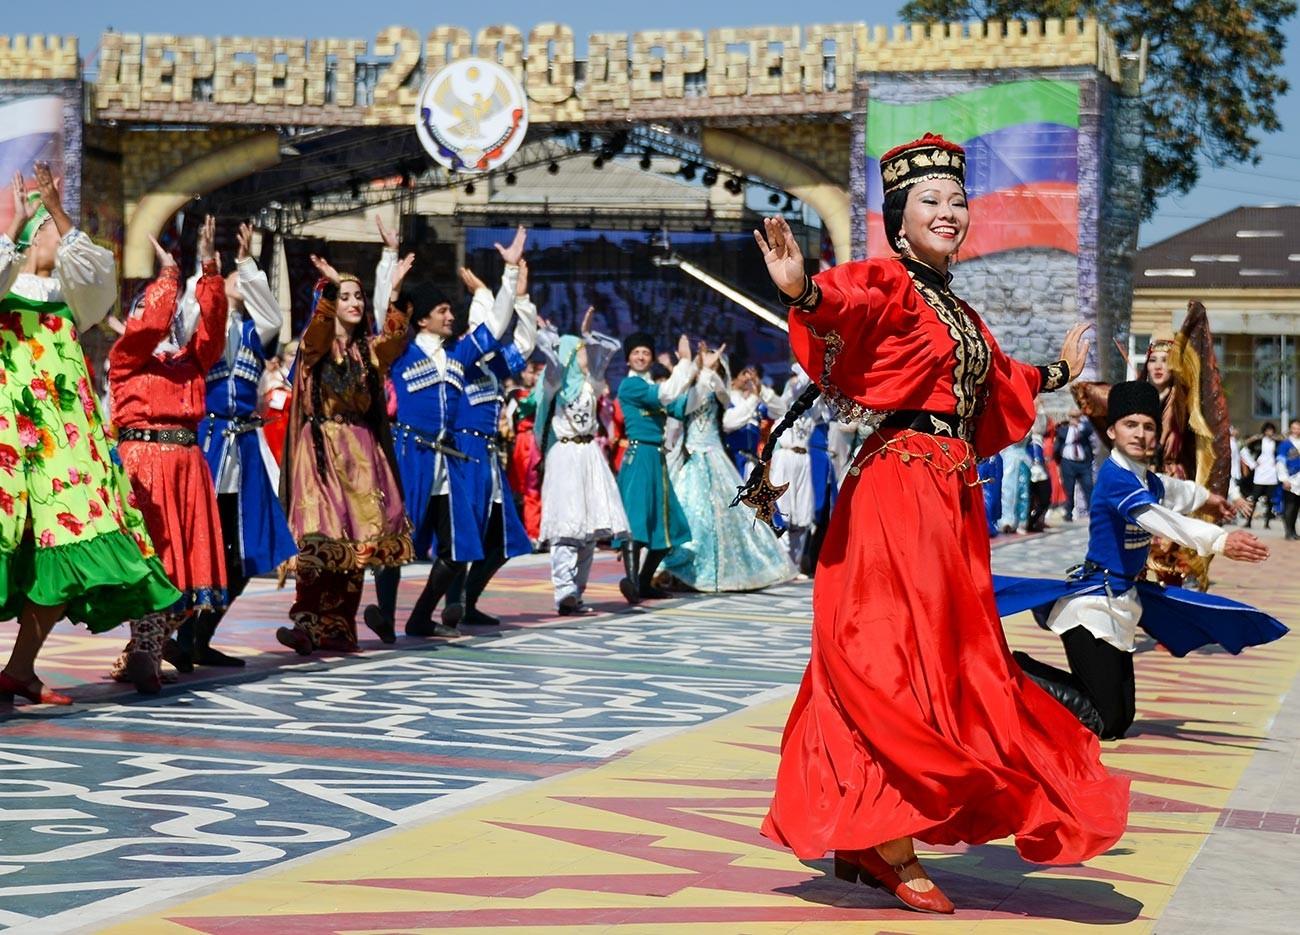 Festival dagestanskih ljudstev v Derbentu.